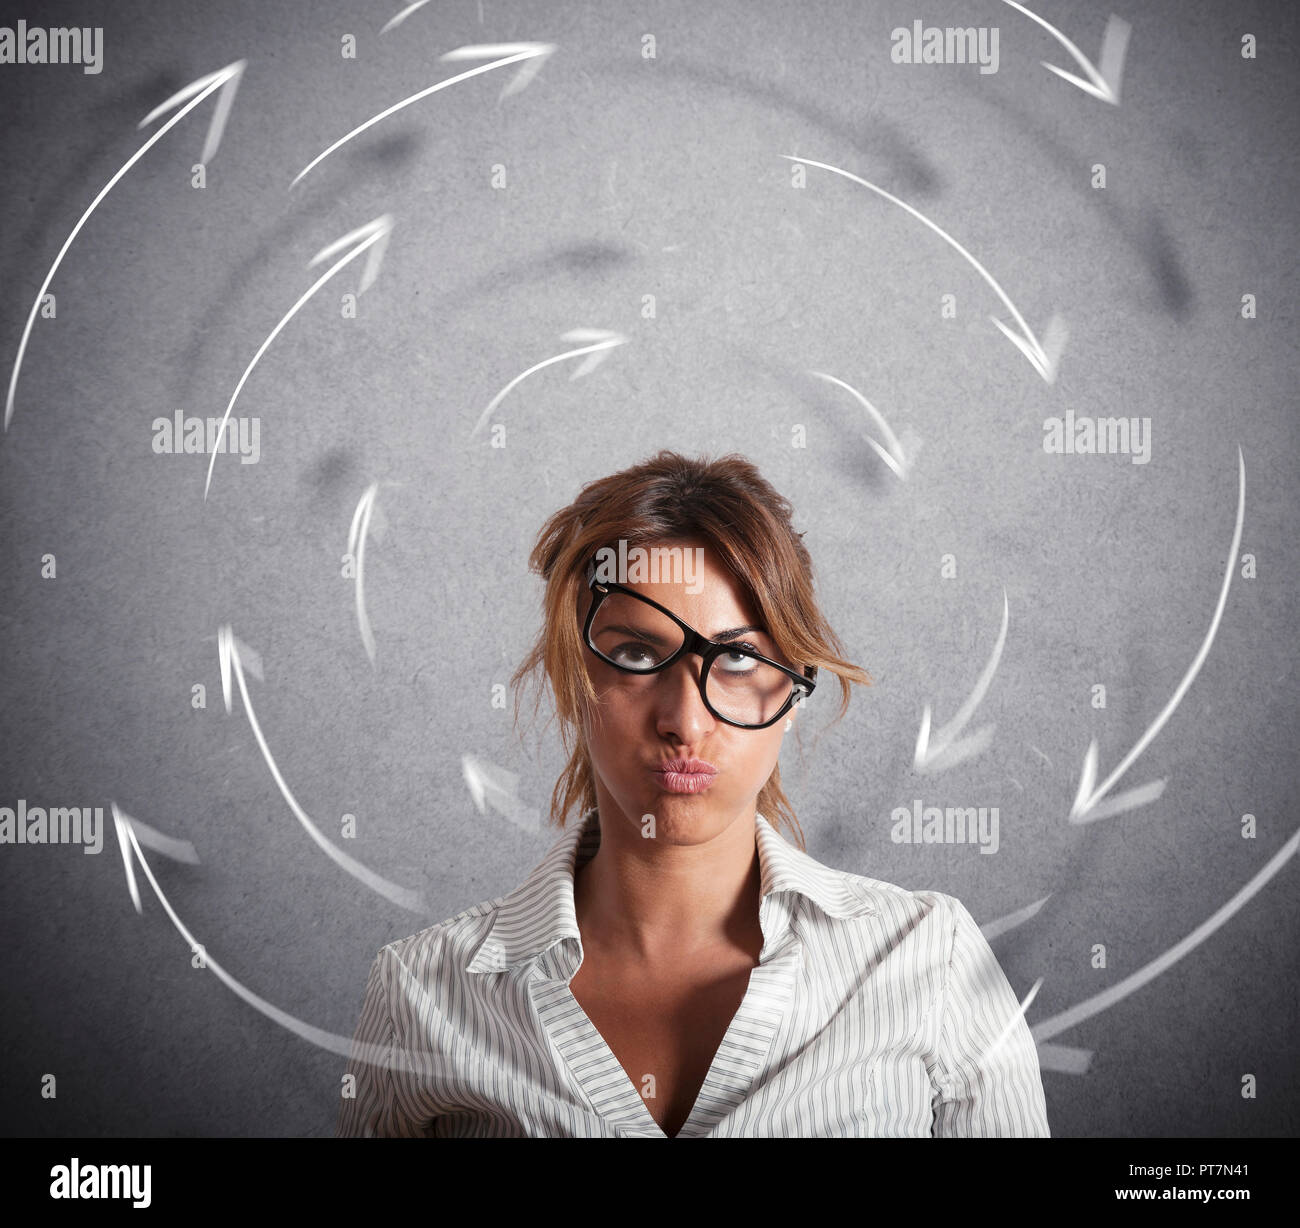 Confuso imprenditrice ha le vertigini. Concetto di stress e superlavoro Immagini Stock